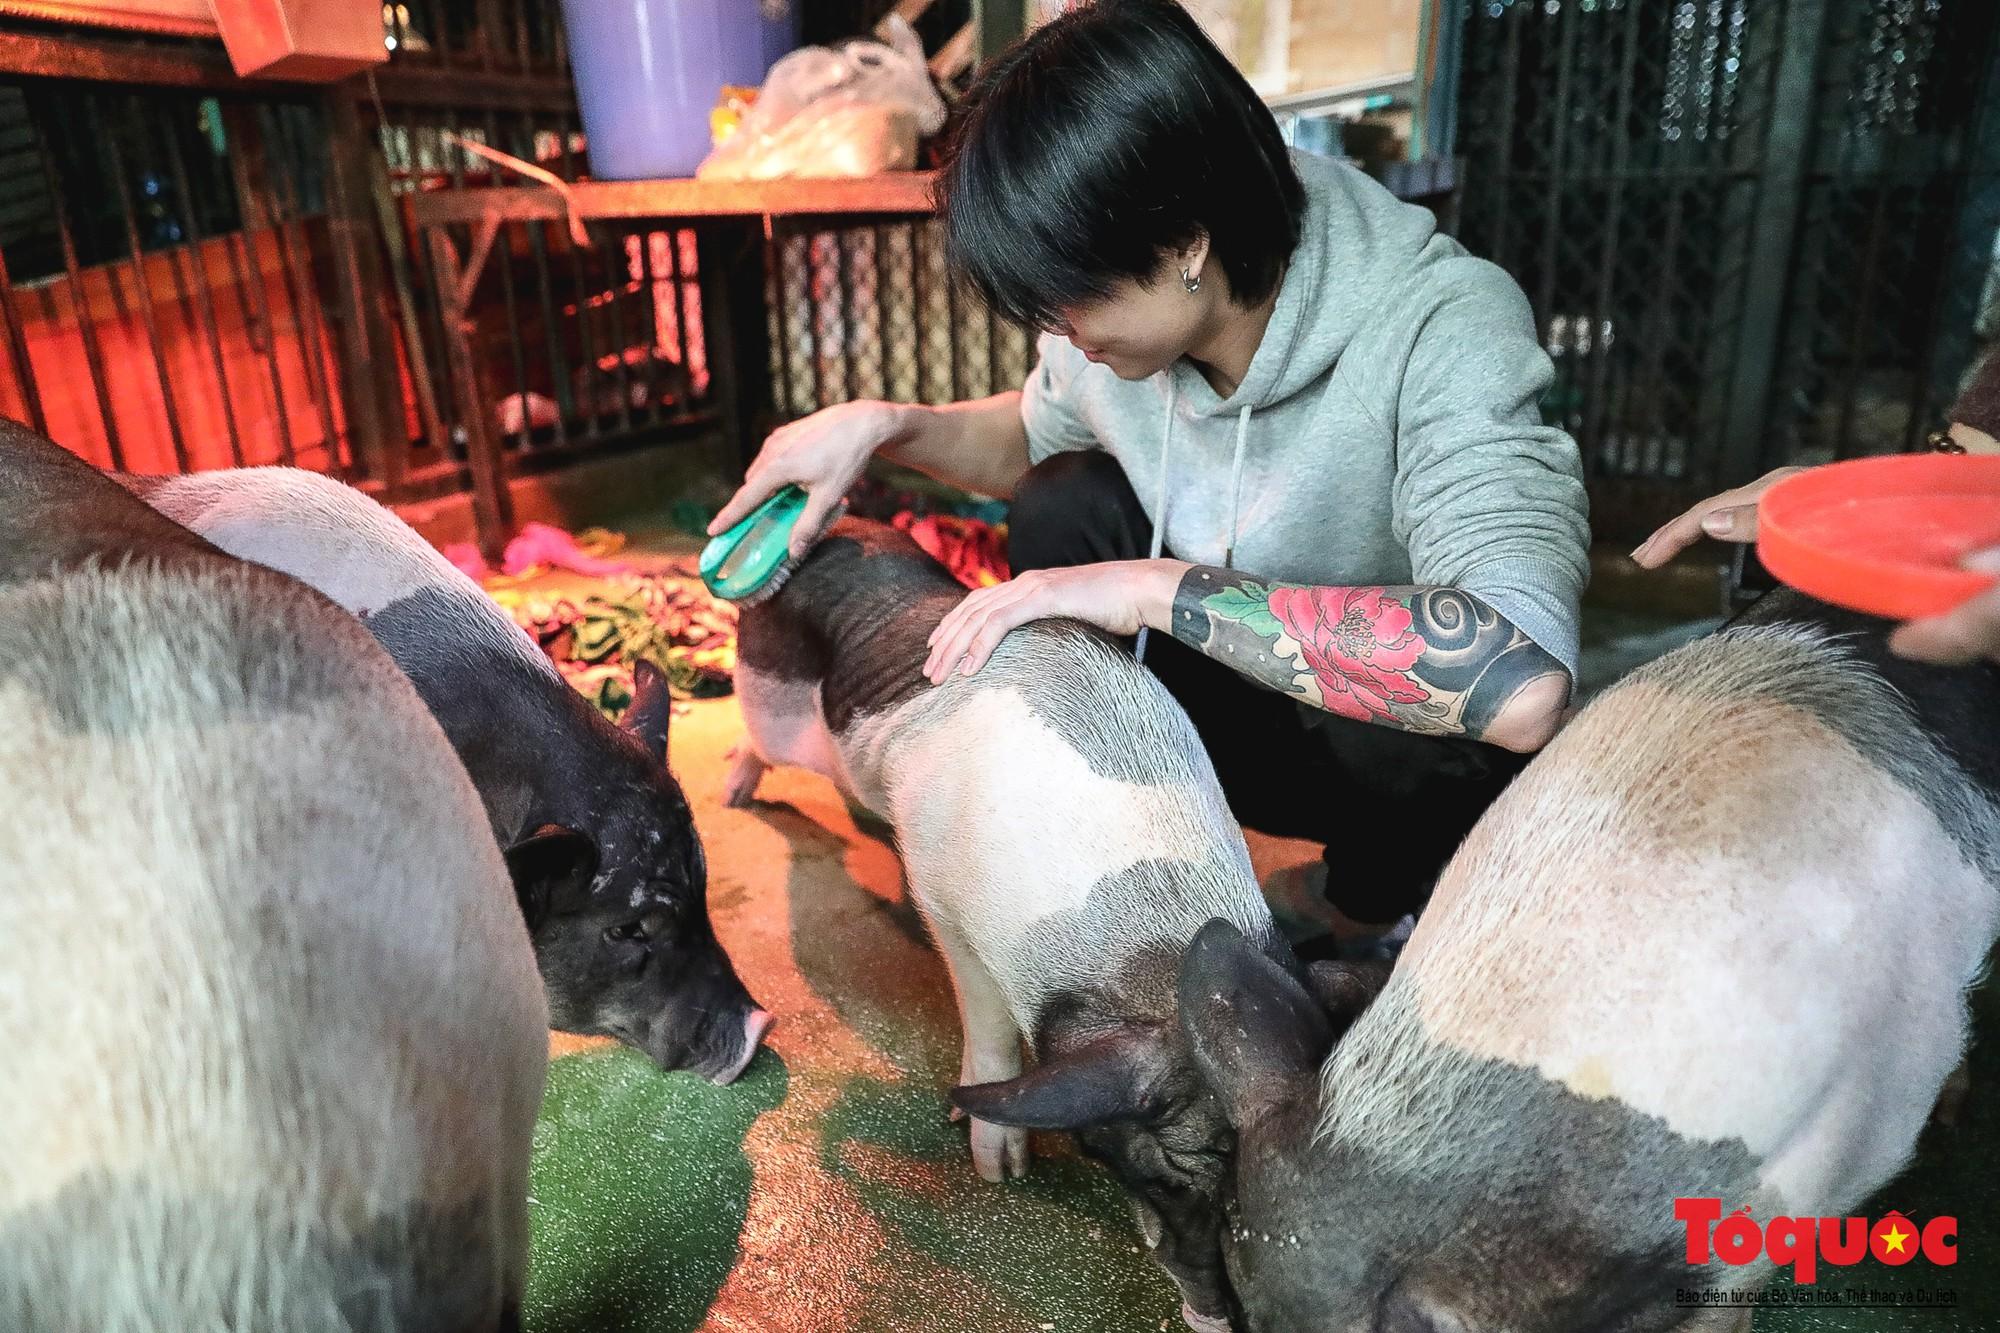 Năm Kỷ Hợi: Cùng khám phá nơi huấn luyện xiếc lợn đầu tiên của Việt Nam - Ảnh 11.